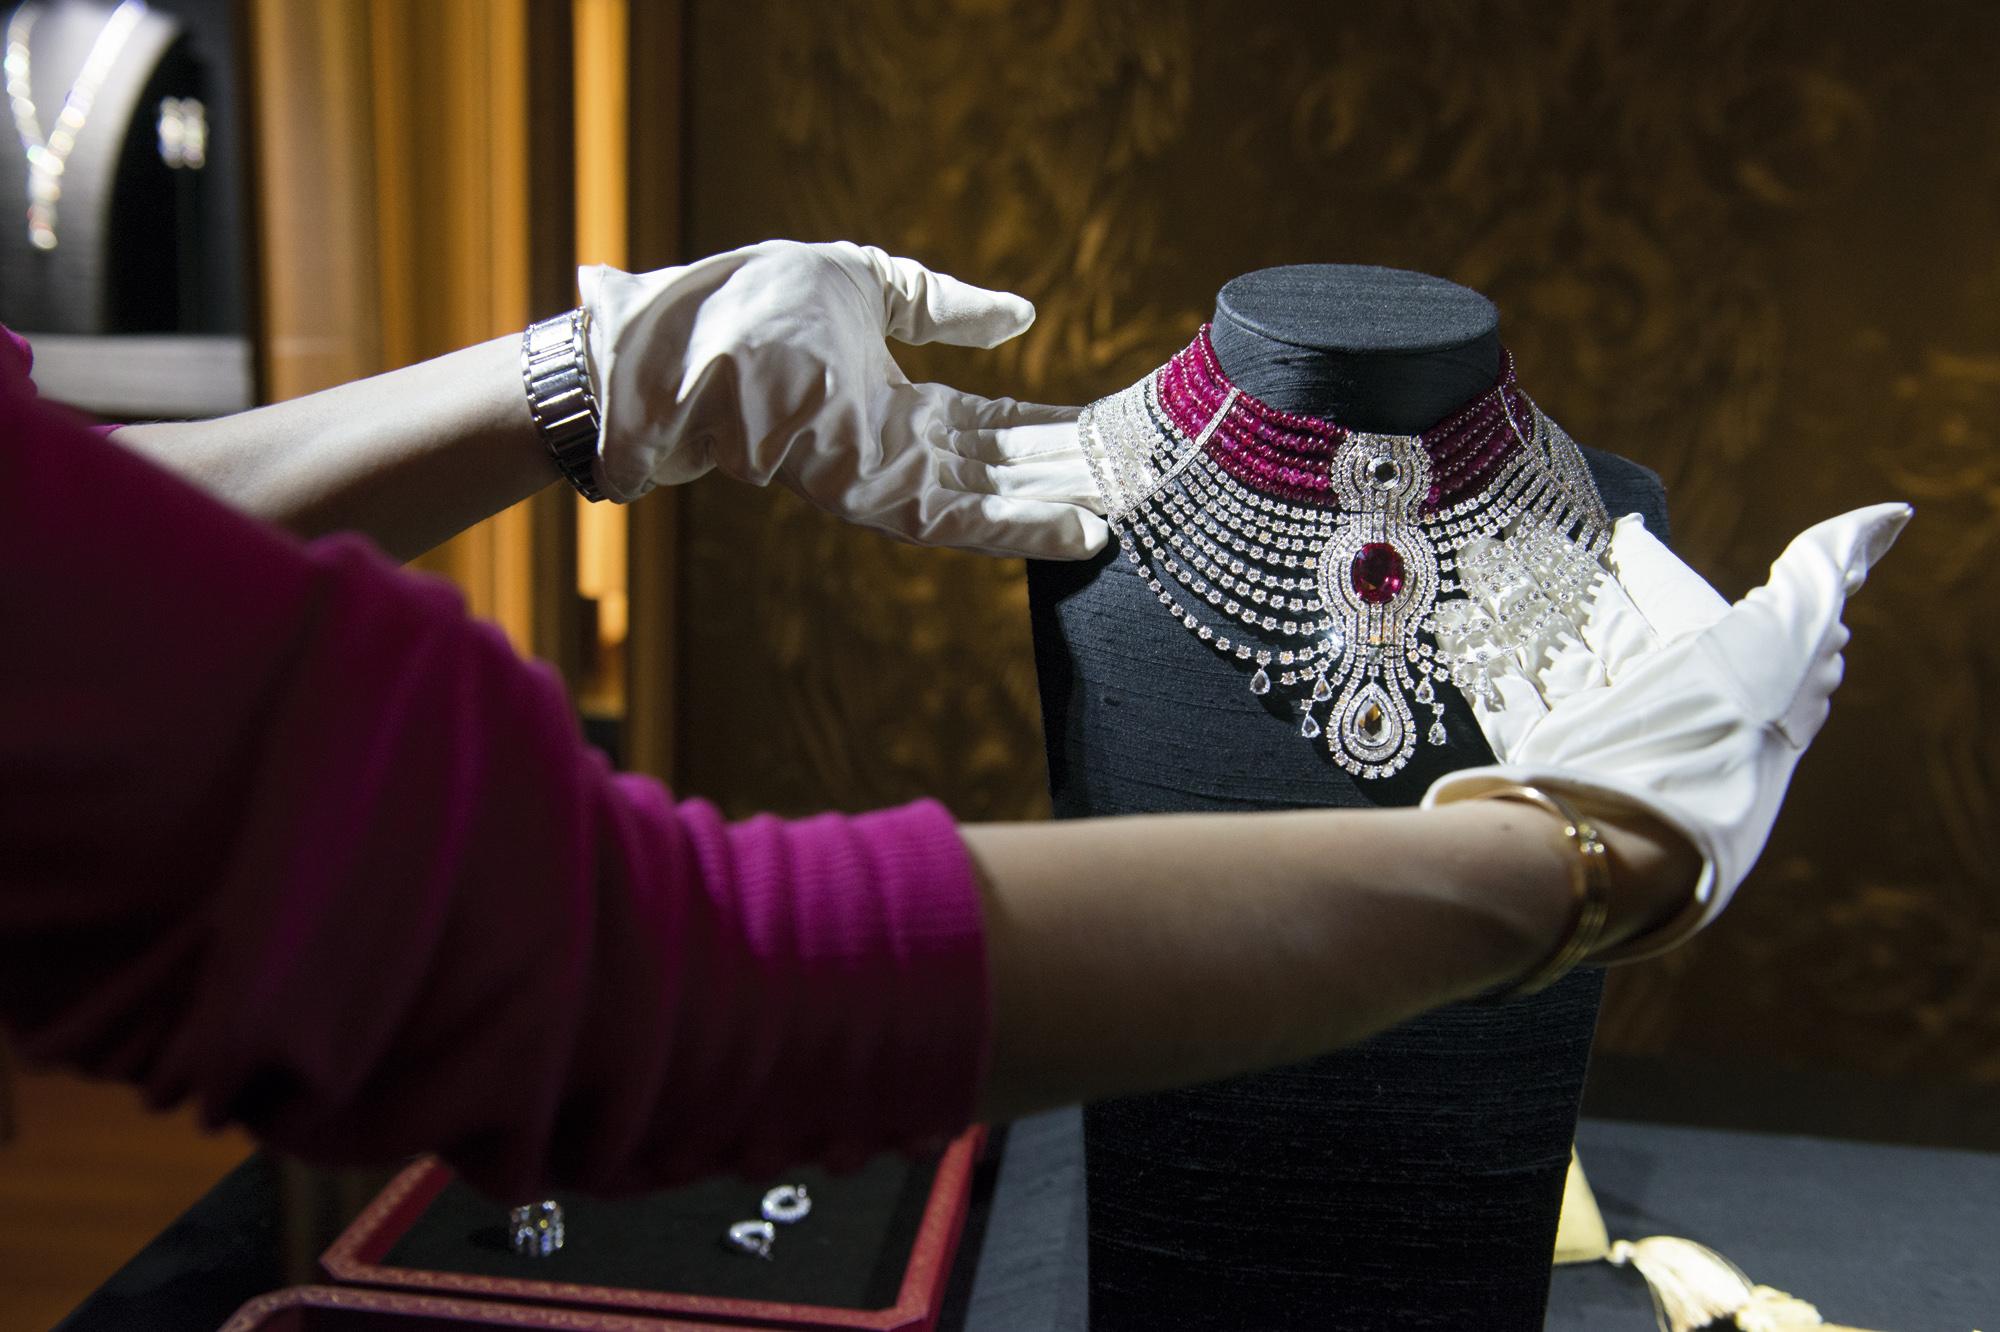 Cartier le collier reine 2000 1332 a l l t for Haute joaillerie cartier